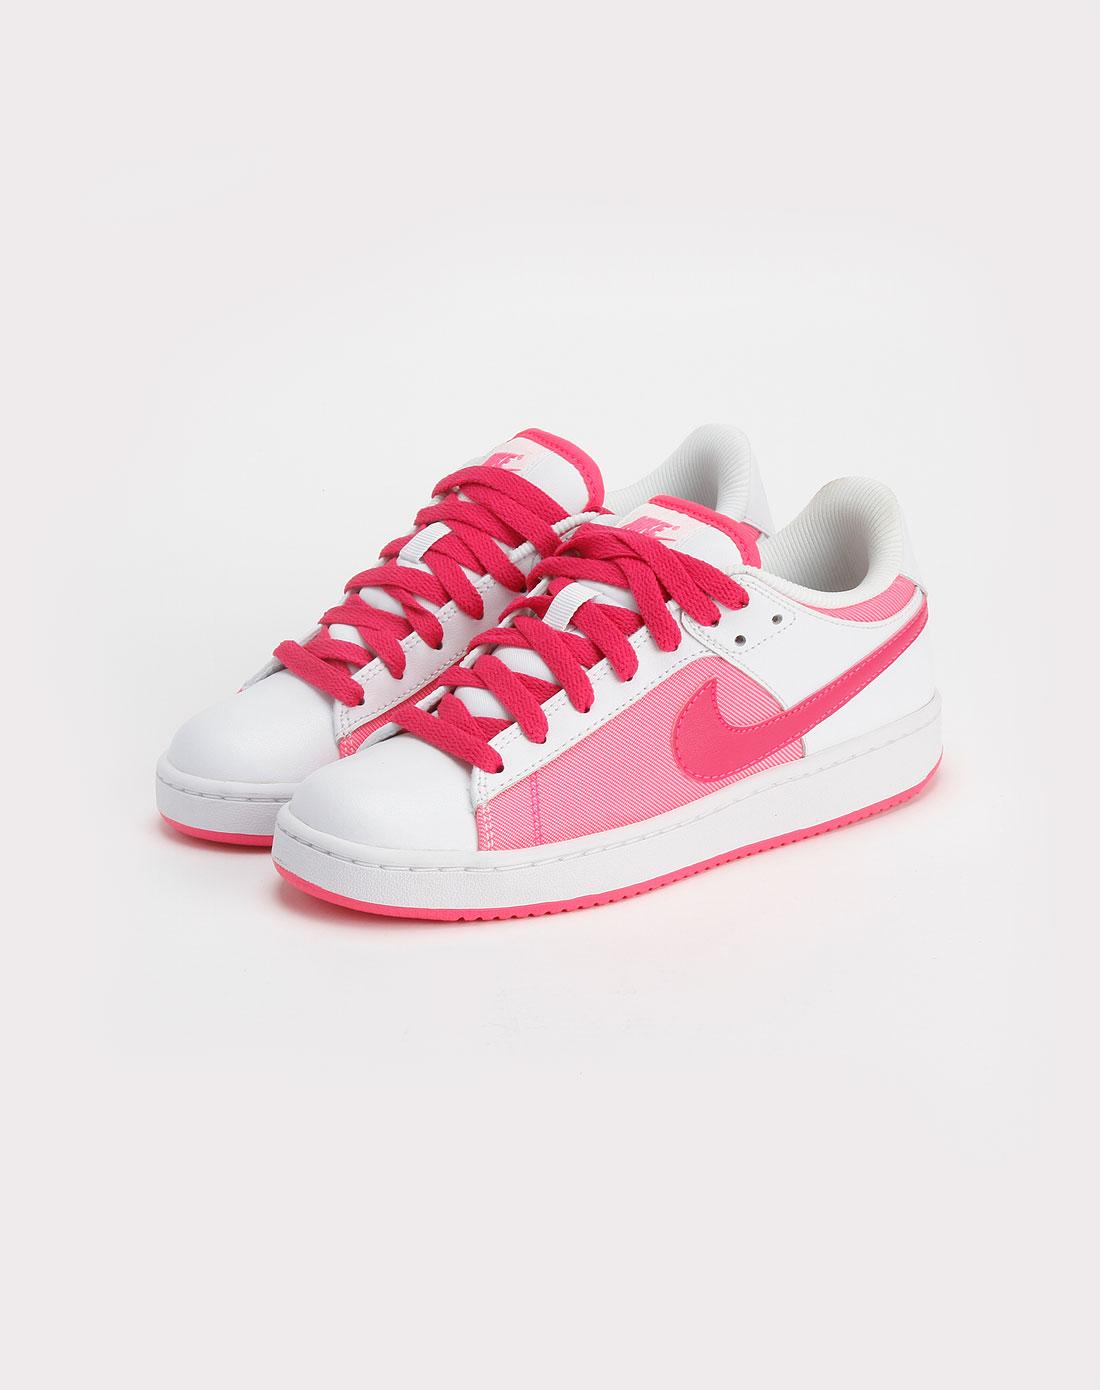 耐克nike-白/粉红色时尚系带板鞋